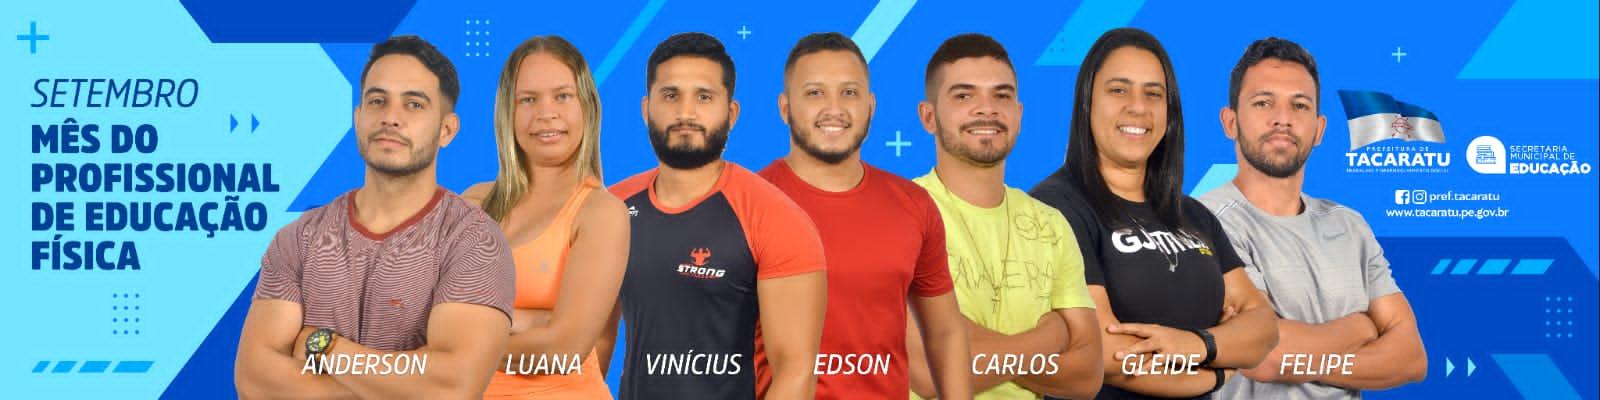 Secretaria de Educação e Esportes de Tacaratu vivencia II edição do Projeto Arena Fitness em comemoração ao mês do Profissional de Educação Física